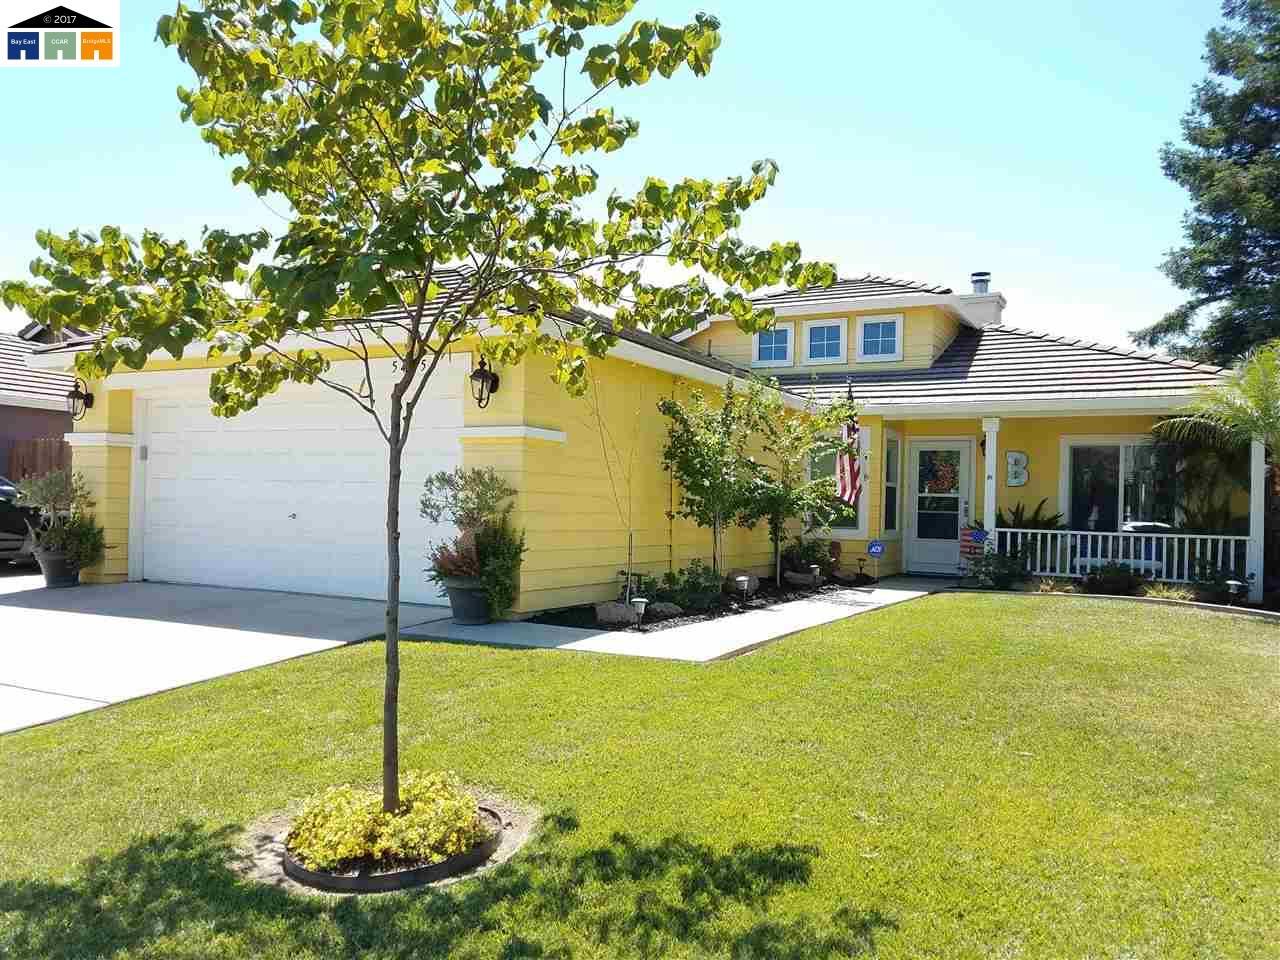 一戸建て のために 売買 アット 5405 Farmhouse Court Salida, カリフォルニア 95368 アメリカ合衆国